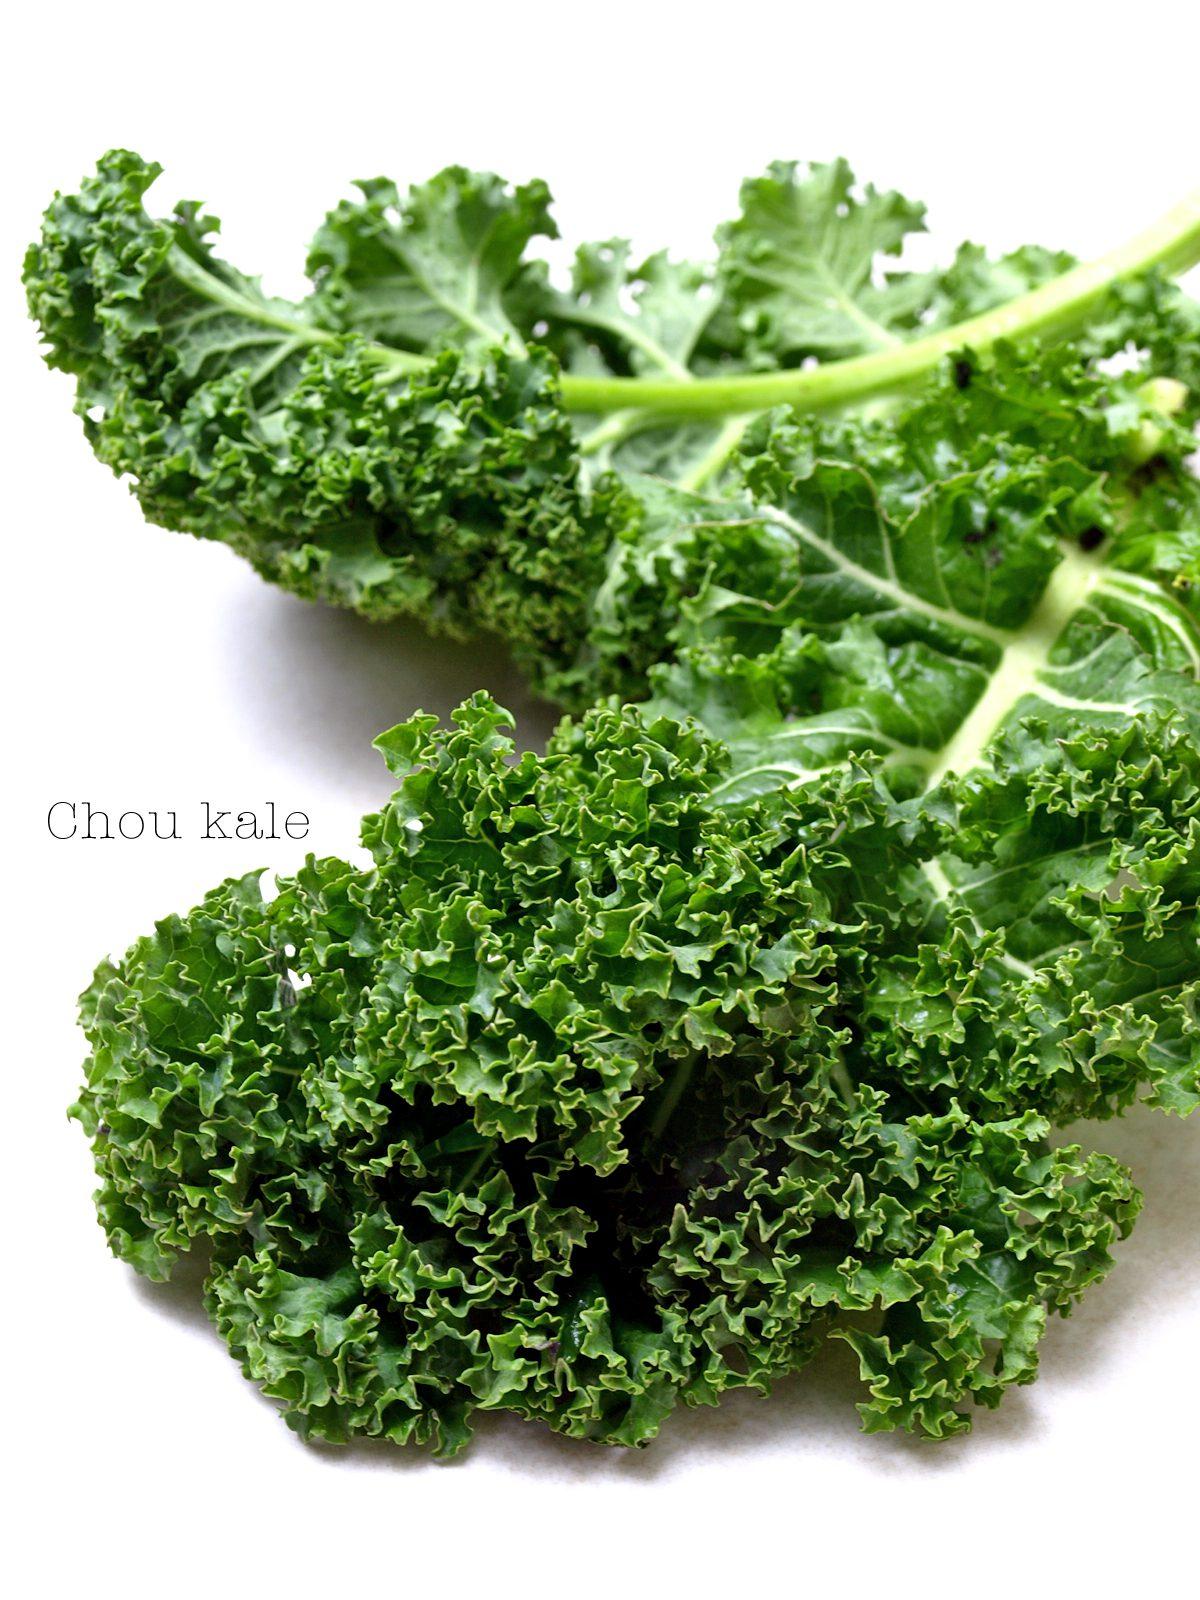 Feuilles de chou kale